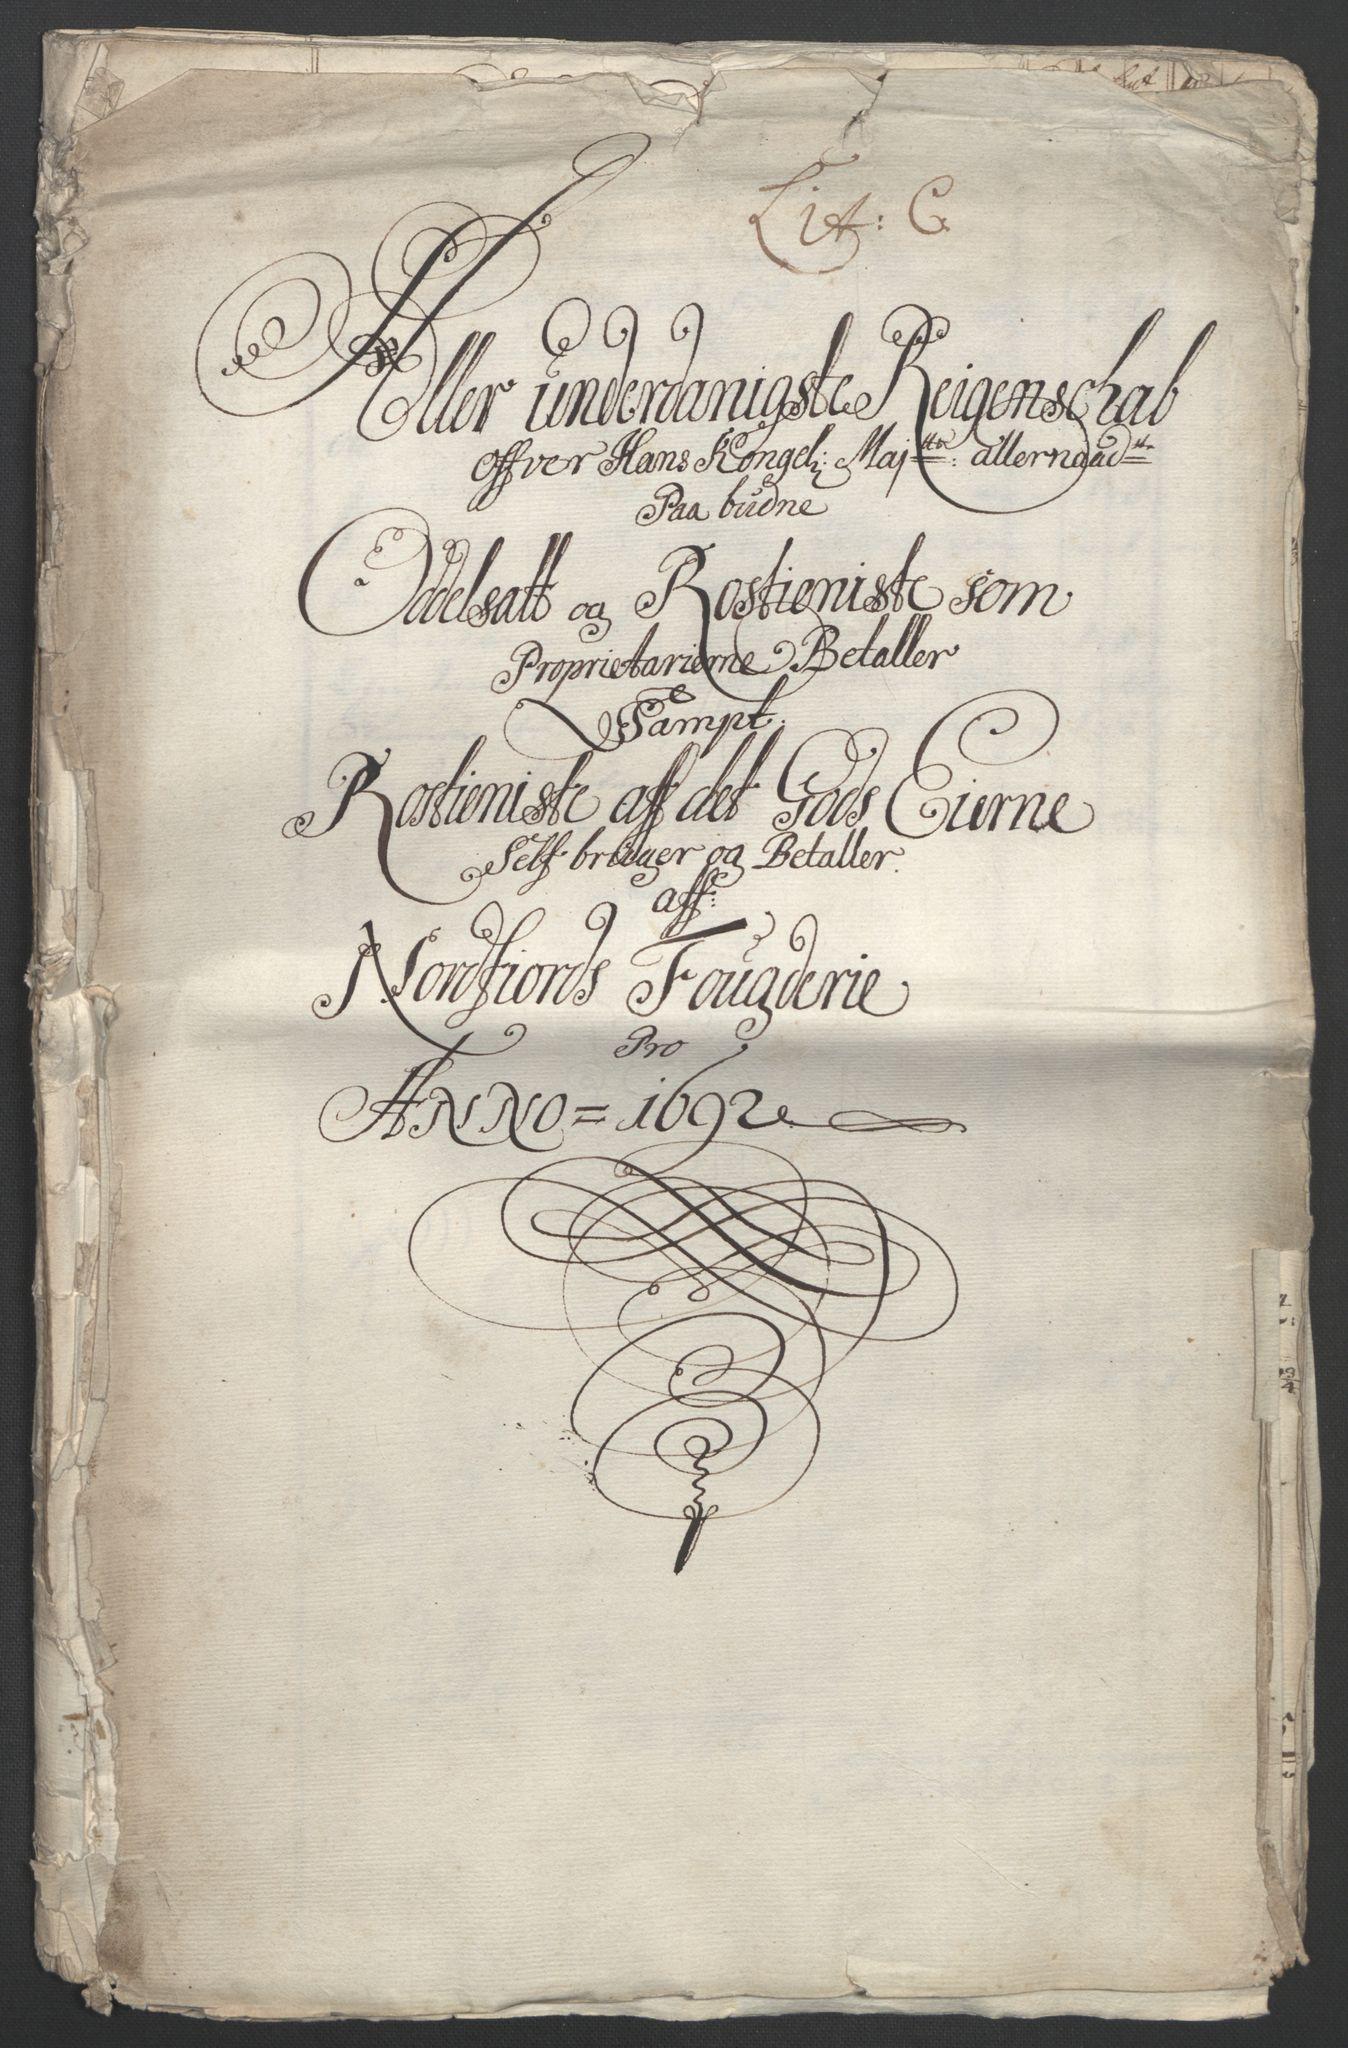 RA, Rentekammeret inntil 1814, Reviderte regnskaper, Fogderegnskap, R53/L3420: Fogderegnskap Sunn- og Nordfjord, 1691-1692, s. 343